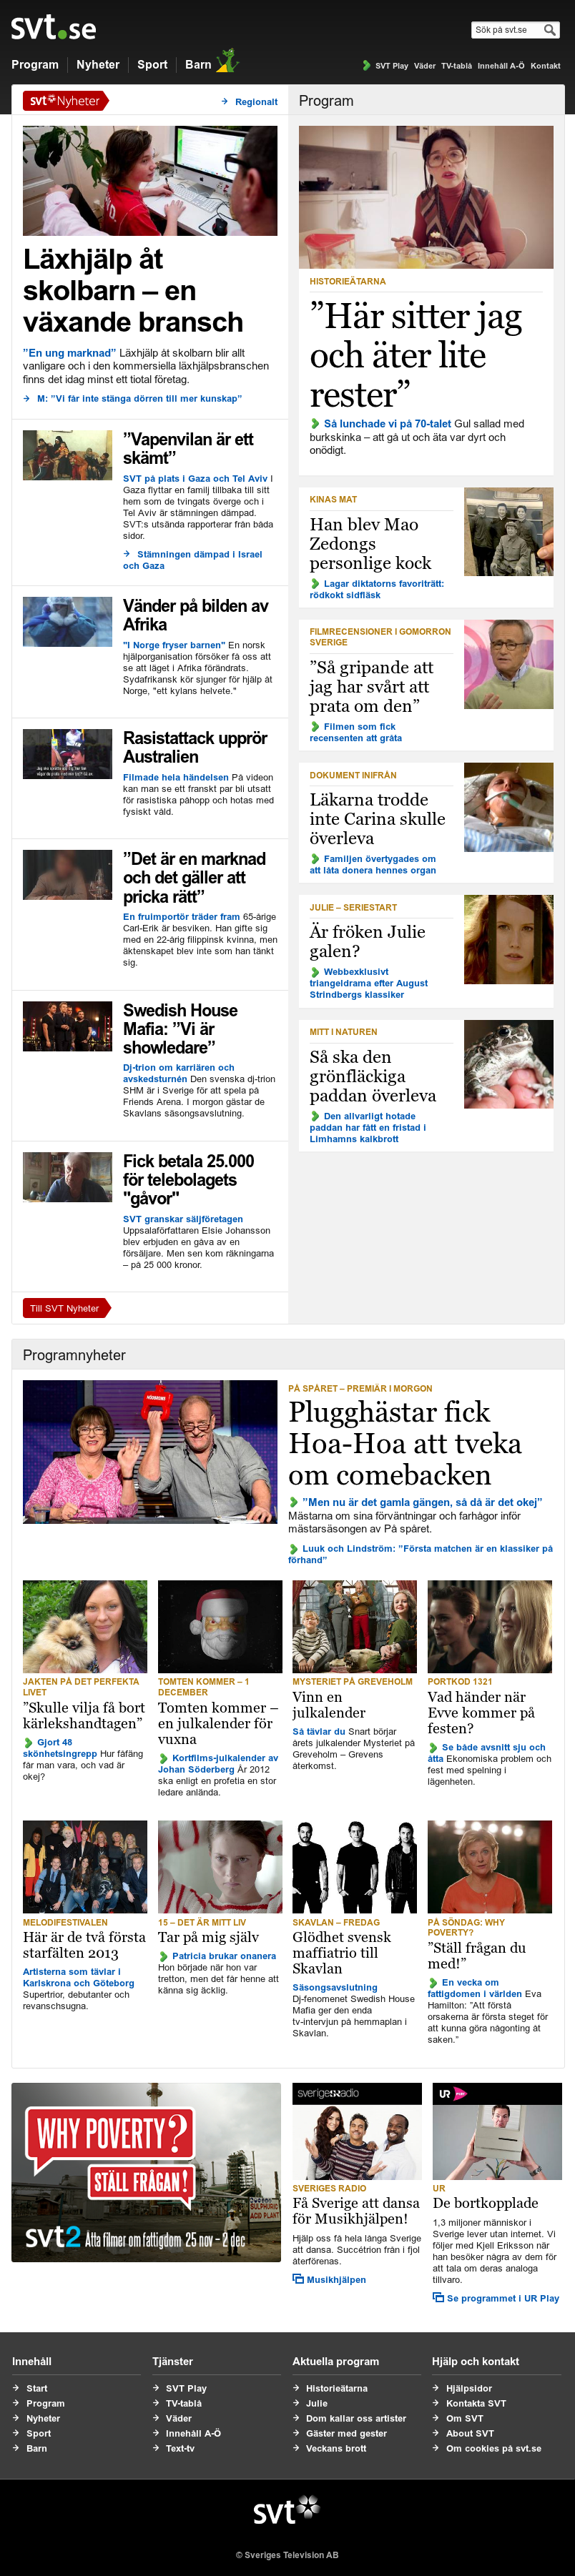 SVT at Thursday Nov. 22, 2012, 11:30 p.m. UTC